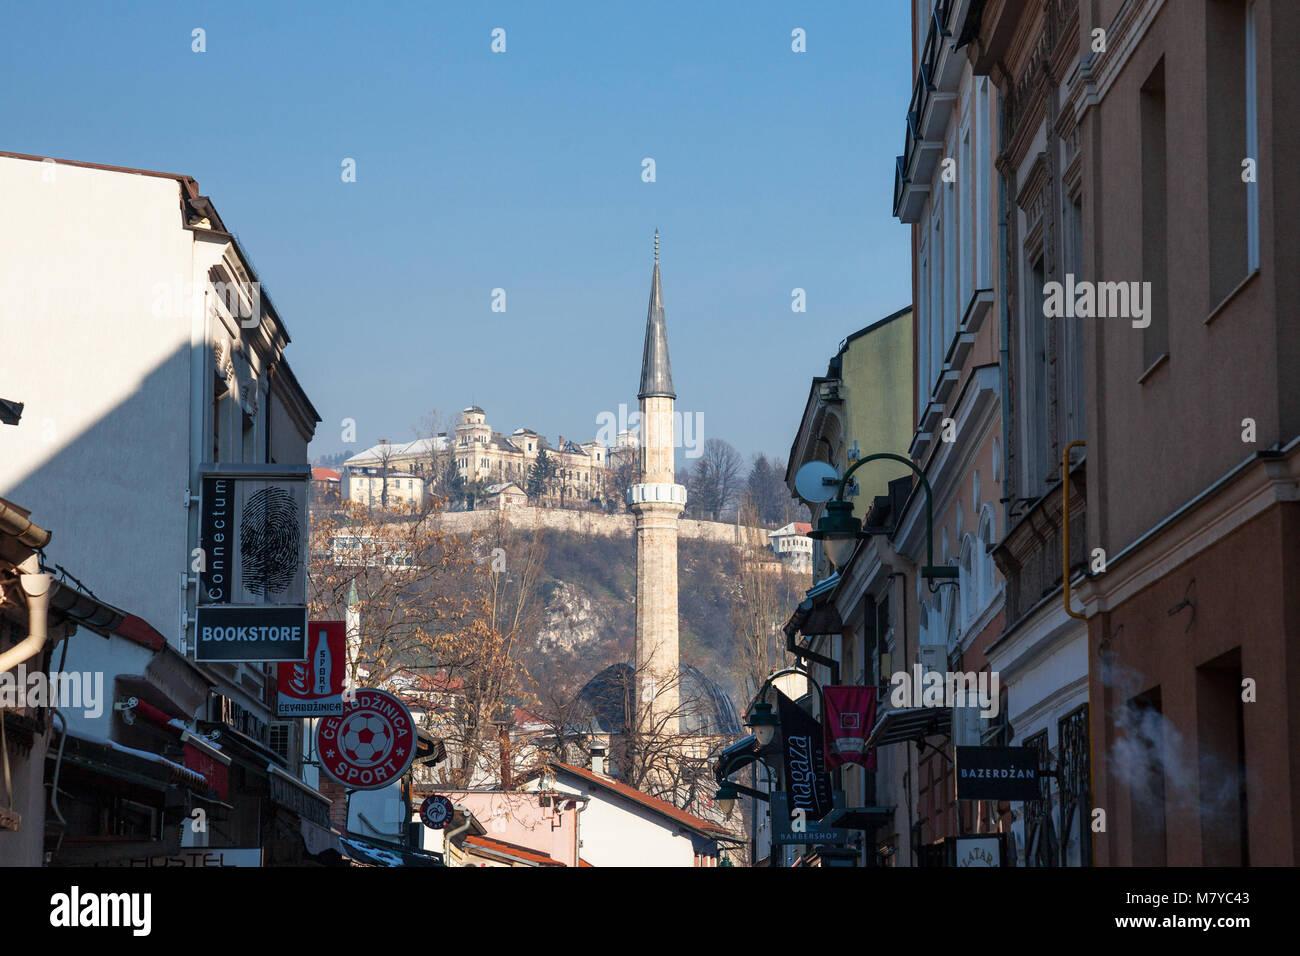 SARAJEVO, BOSNIA AND HERZEGOVINA - FEBRUARY 16, 2018: Mosque Minaret in the Bascarsija district in winter.  Bascarsija - Stock Image